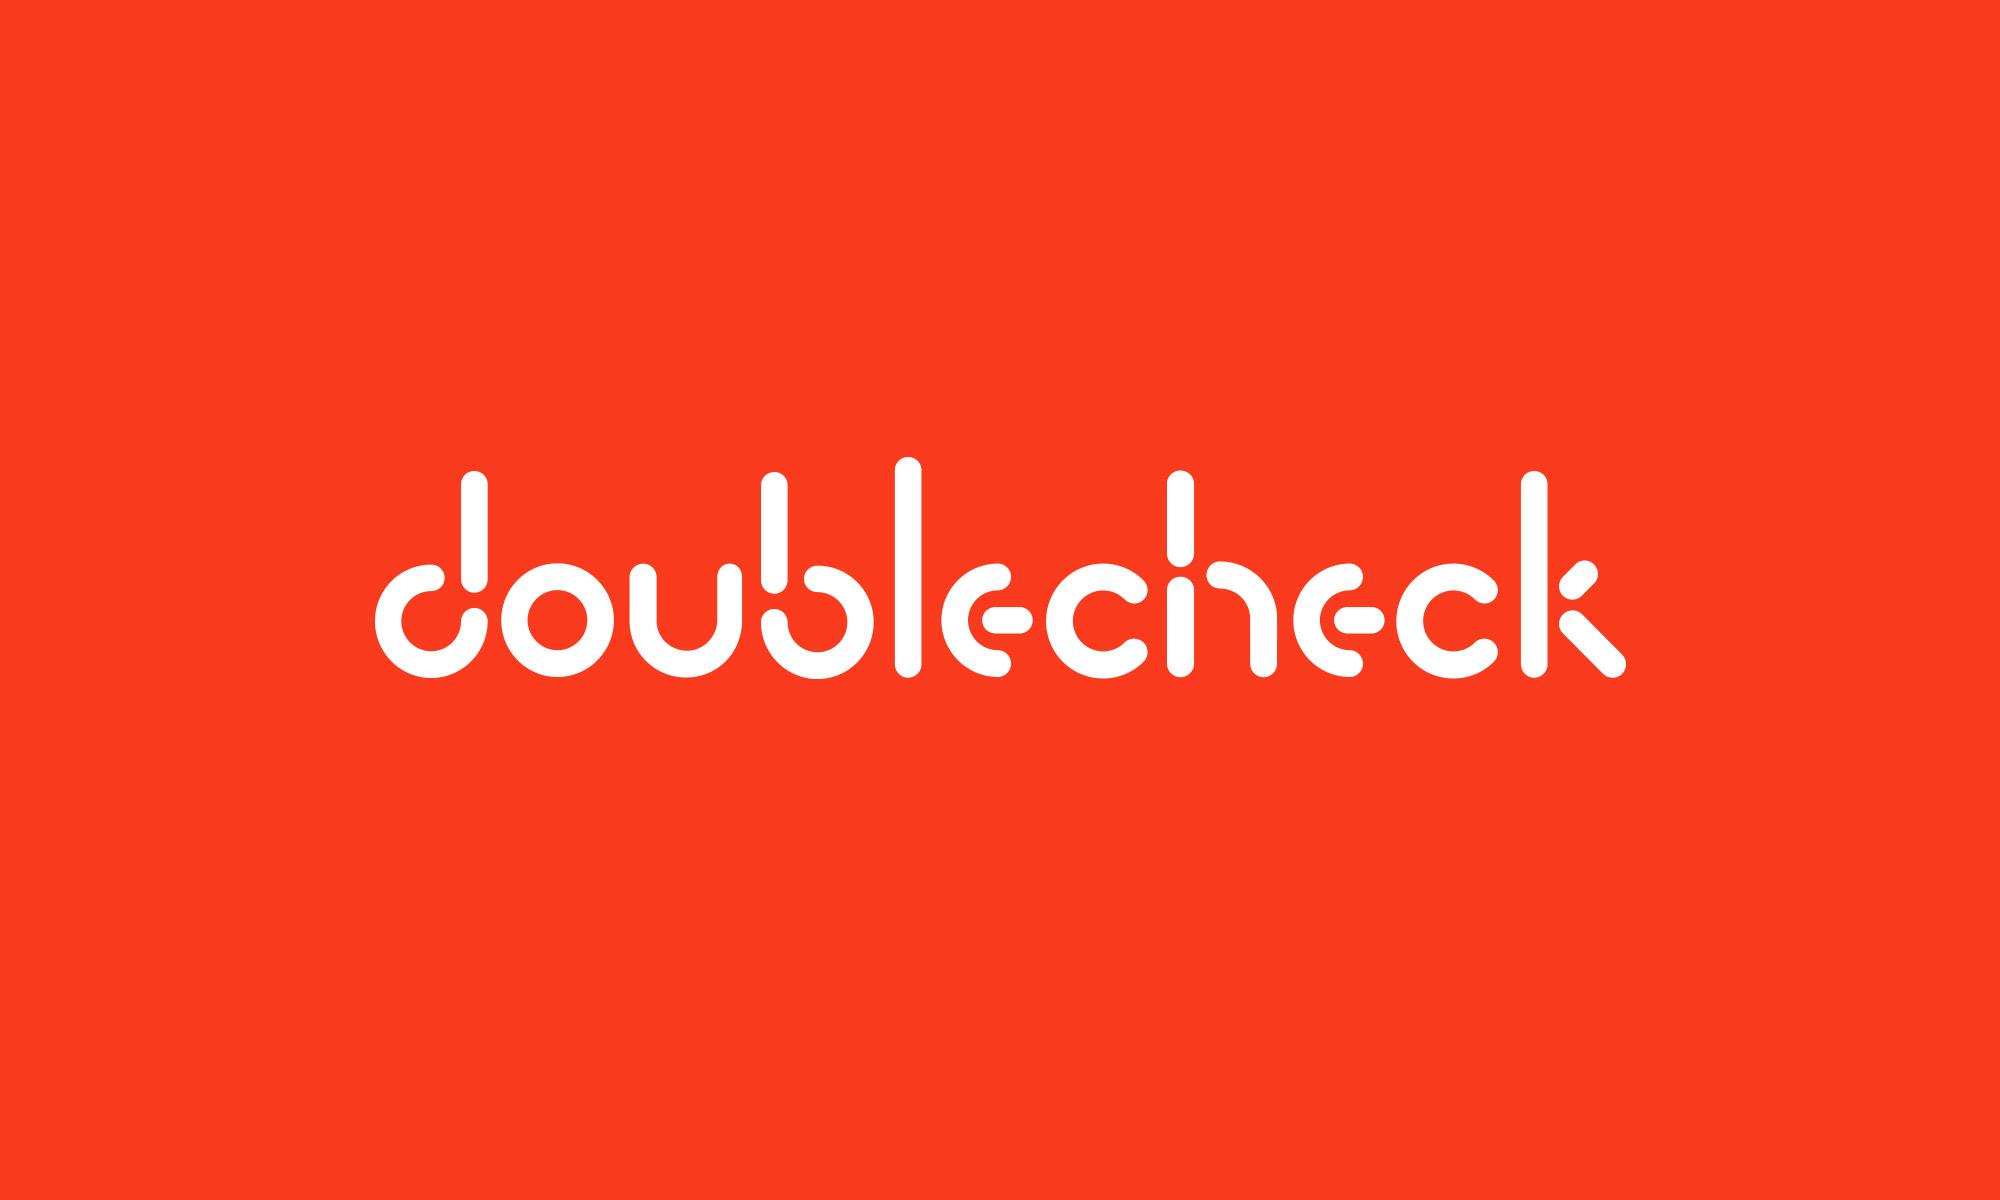 doublecheck logo